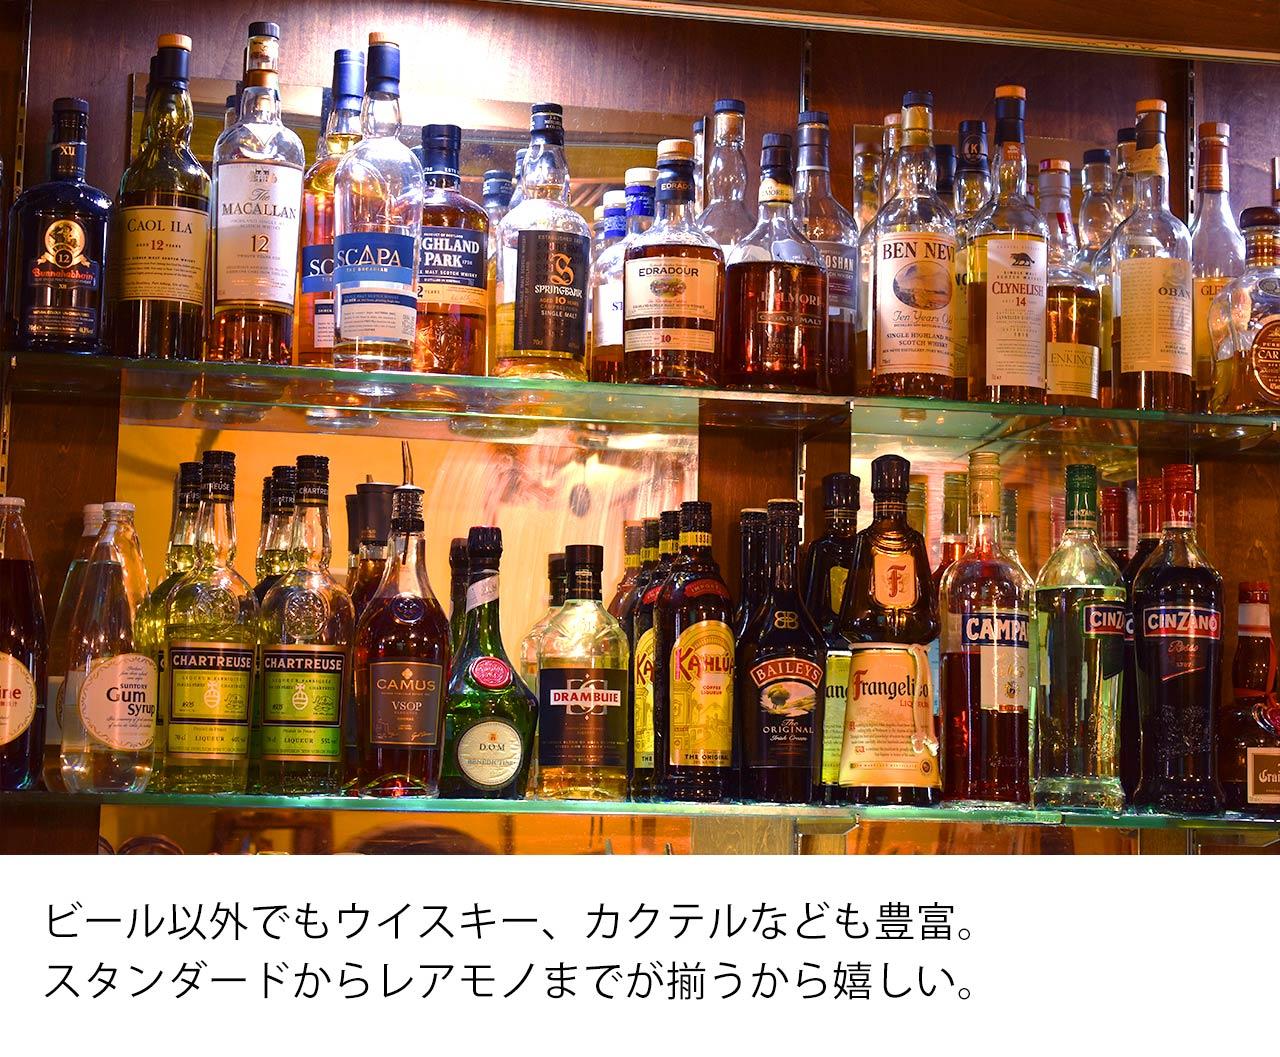 ビール以外でもウイスキー、カクテルなども豊富。スタンダードからレアモノまでが揃うから嬉しい。